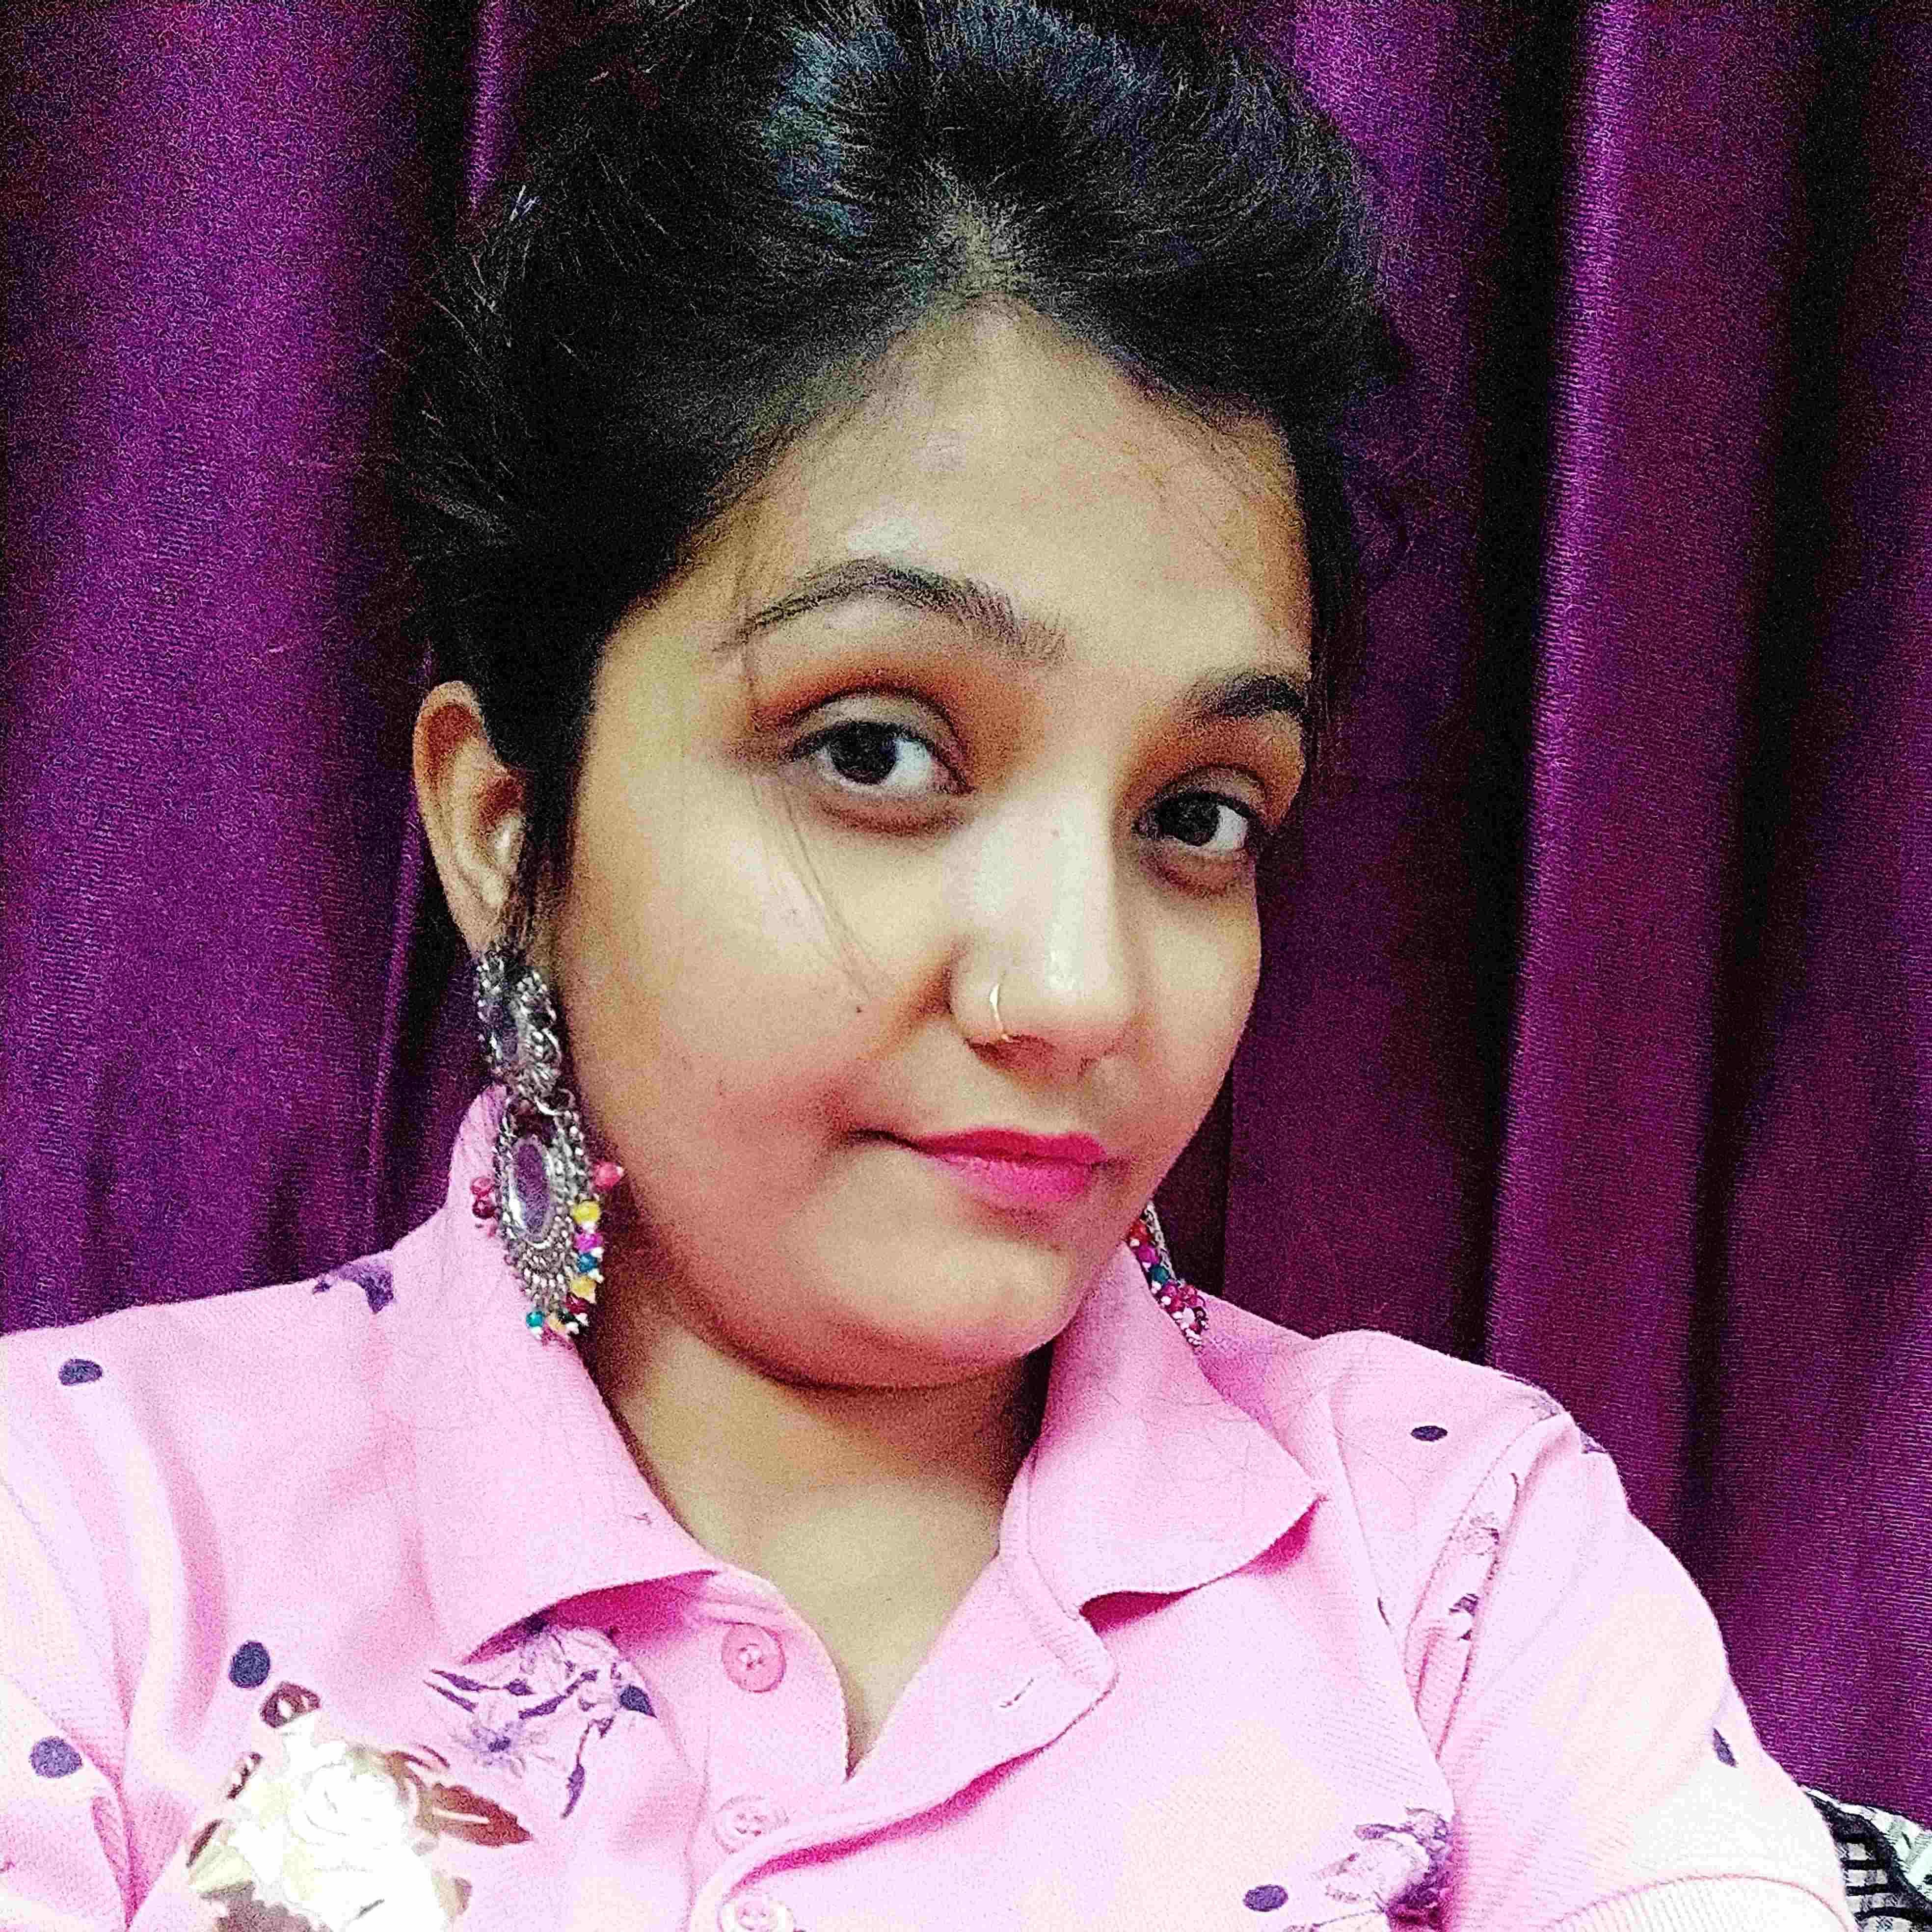 anshima Tiwari